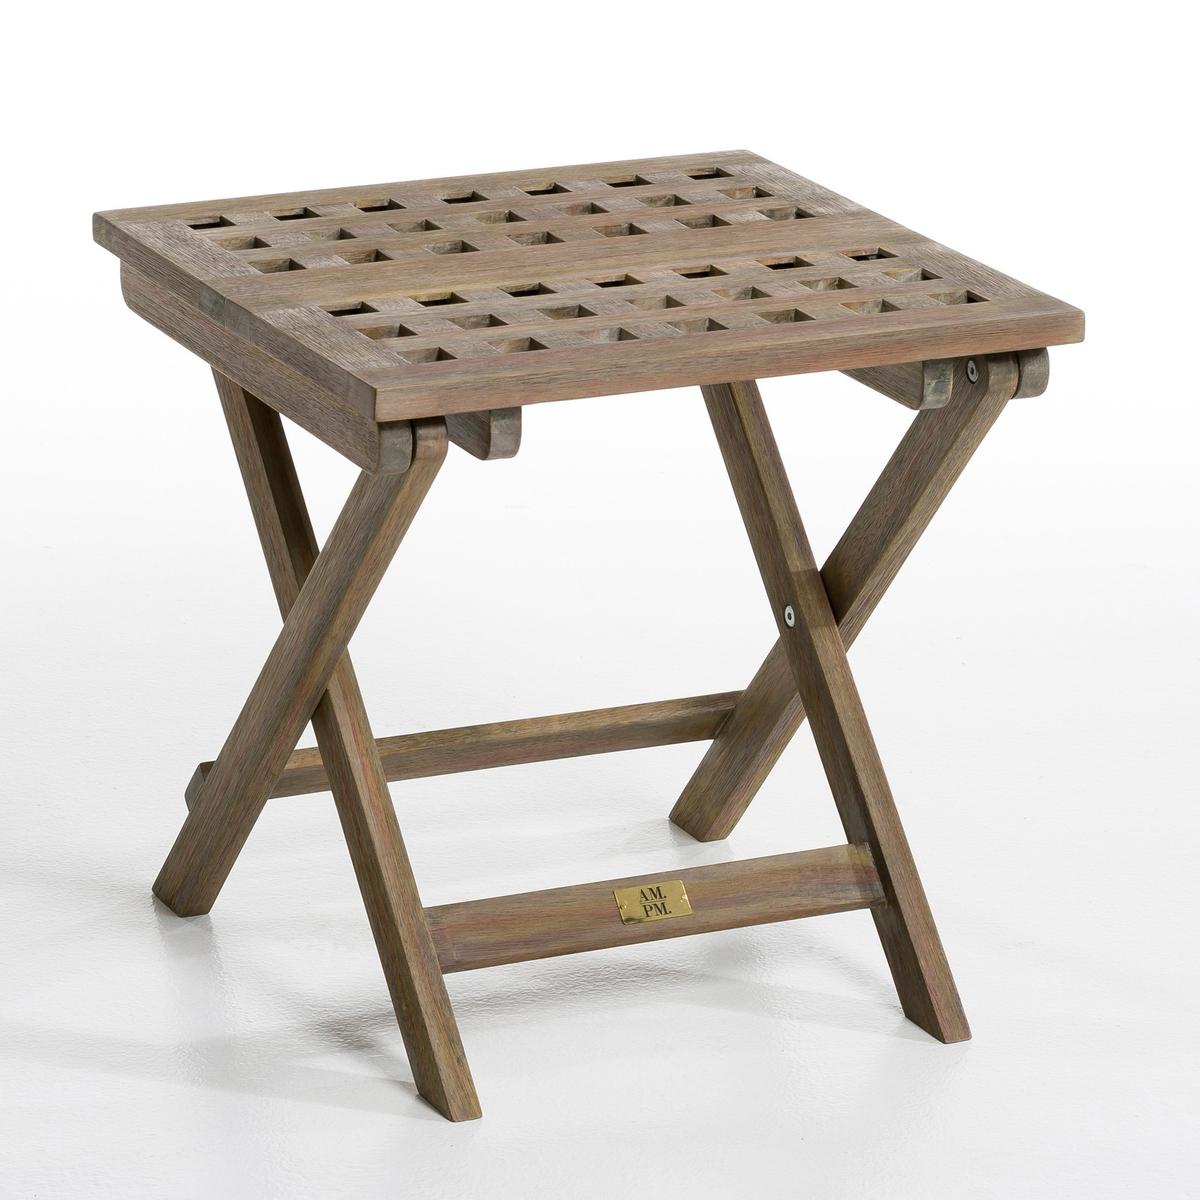 Столик садовый складной, MeltemДополнительный складной садовый столик, выполнен из состаренной древесины акации, покрытие имитирует вид необработанной древесины.             Акация относится к тем видам древесных пород, которые устойчивы к влаге и УФ-излучению, а потому идеально подходят для использования вне помещений.        Характеристики:- Столешница из древесины с решётчатым рисунком.                Размеры:- Д.40 x В.40 x Г.40 см.      Размеры и вес коробки:- Д.54 x В.8 x Г.43 см, 3,5 кг.<br><br>Цвет: состаренная акация,черный